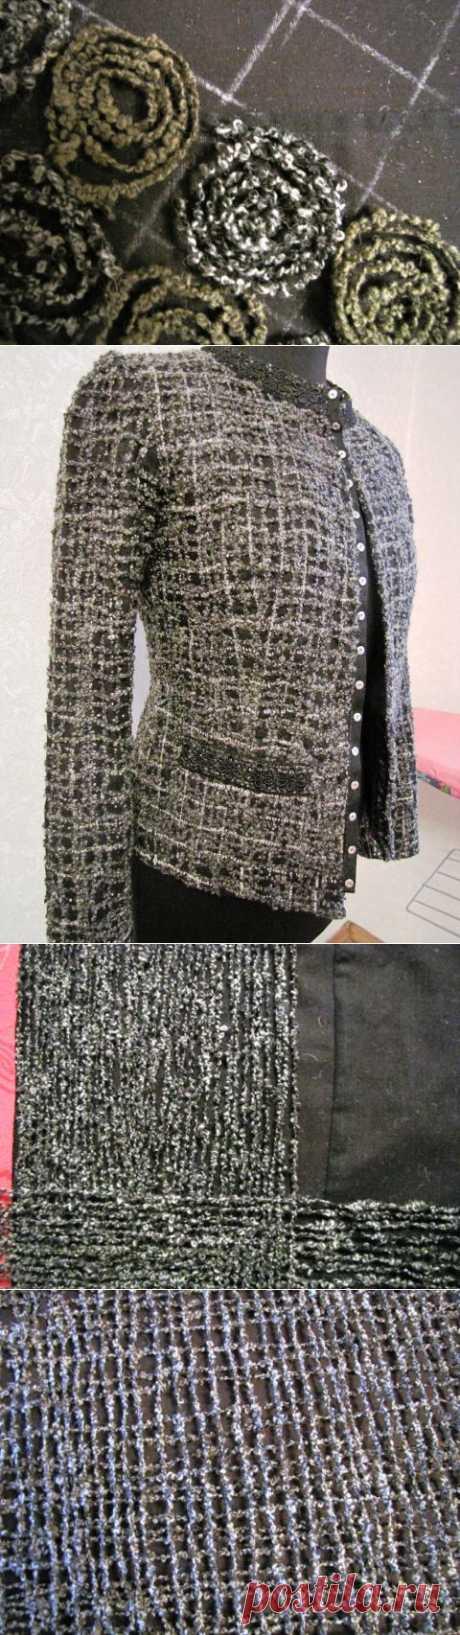 Способ изготовления крейзи-ткани для создания жакета- шанель. Мастер-класс